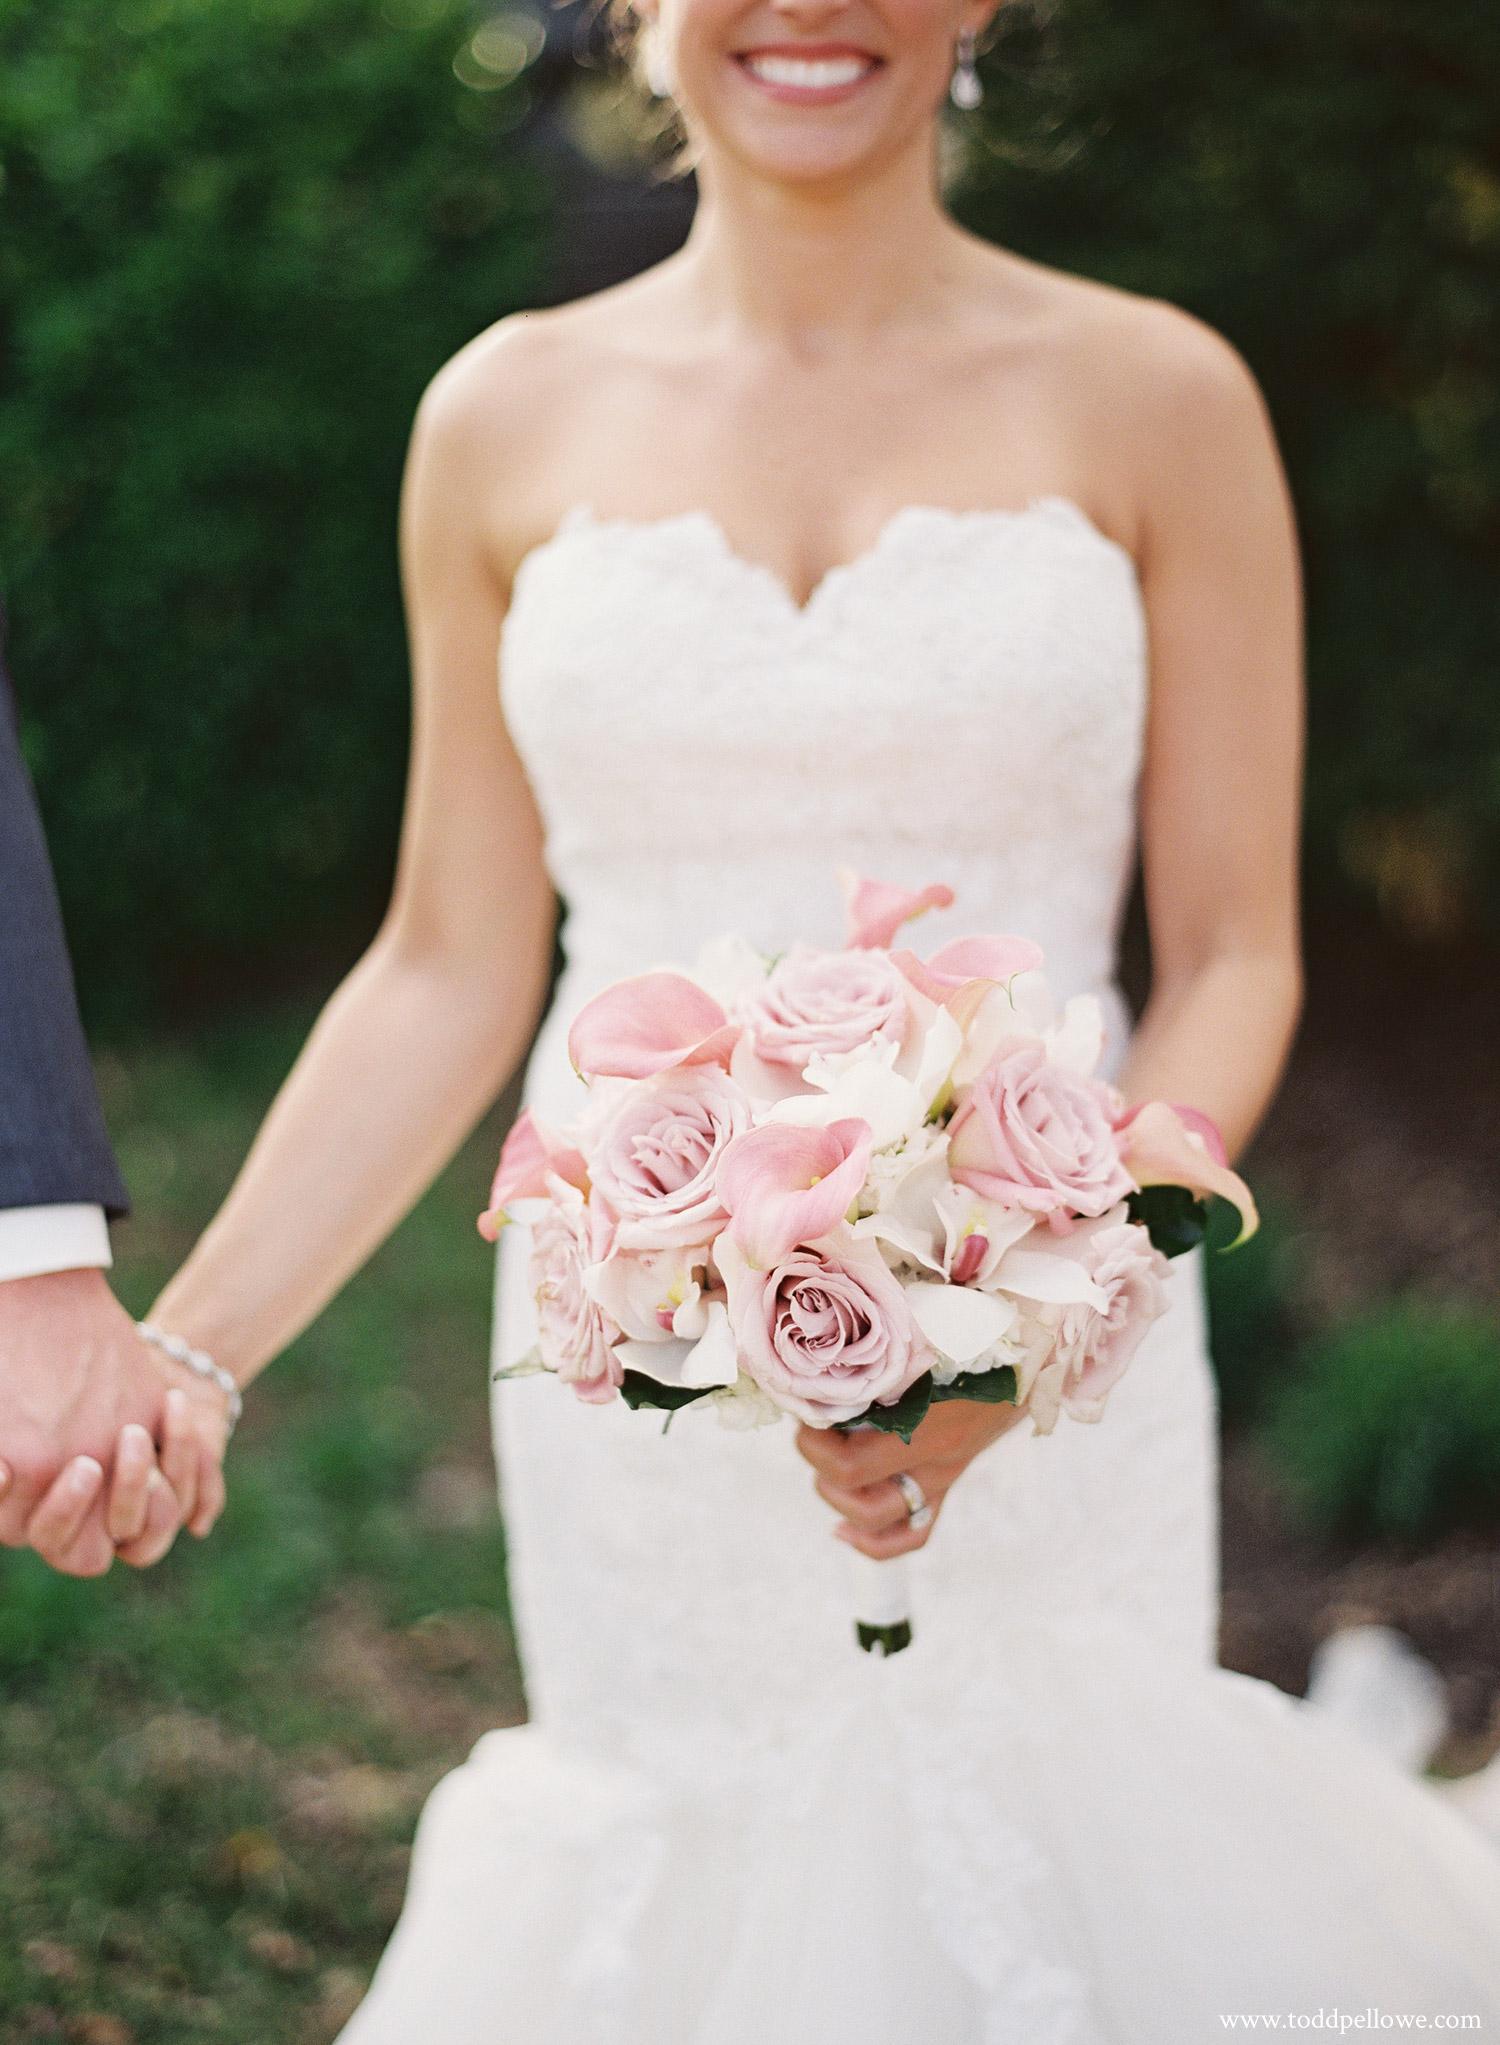 25-ashley-brian-brohm-louisville-wedding-010.jpg